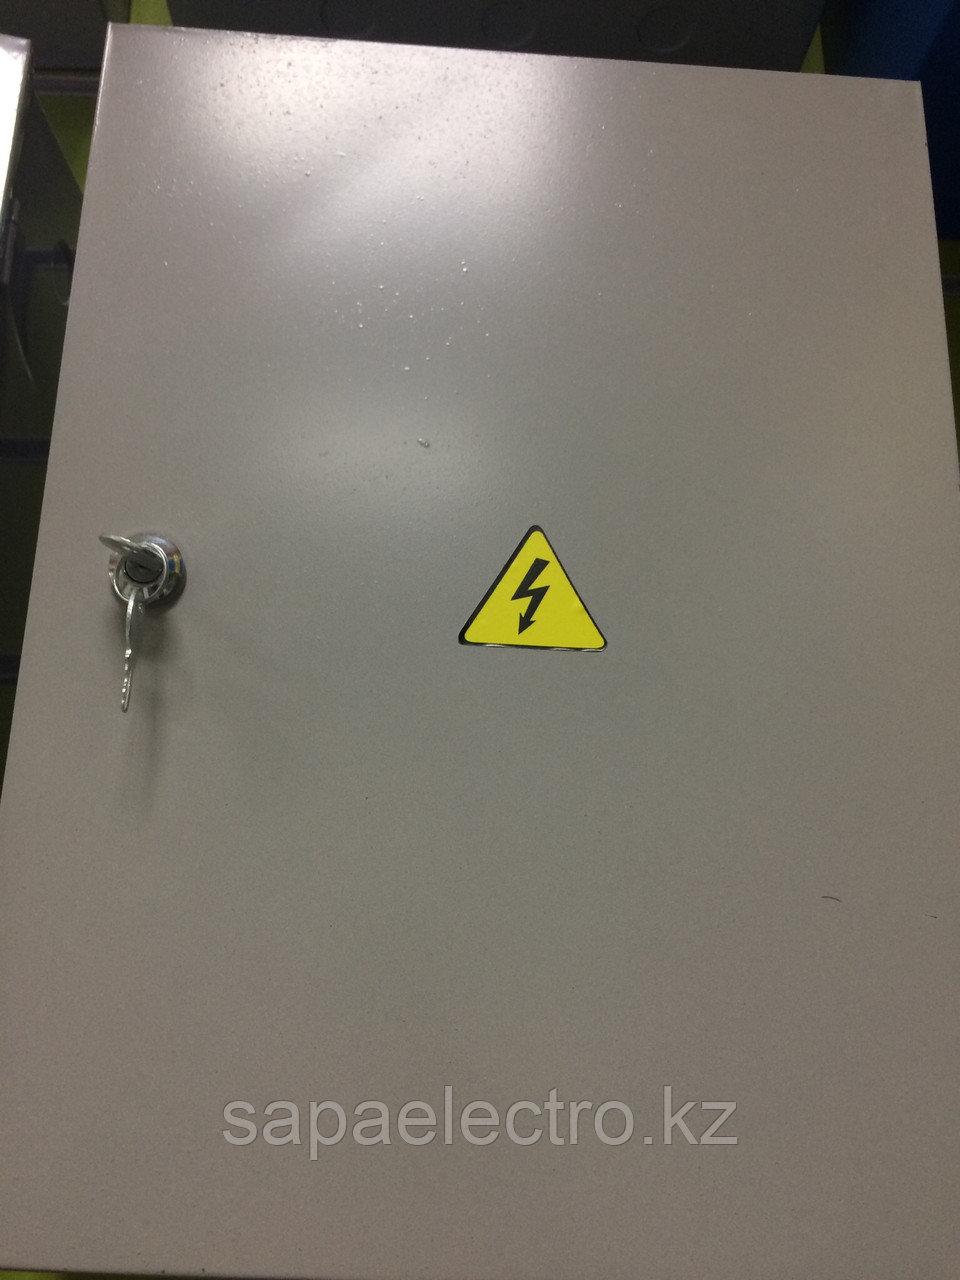 Сборка электросчетчик ,Алтай\Дала 3 фазный 1 тарифный  щит простой с окном